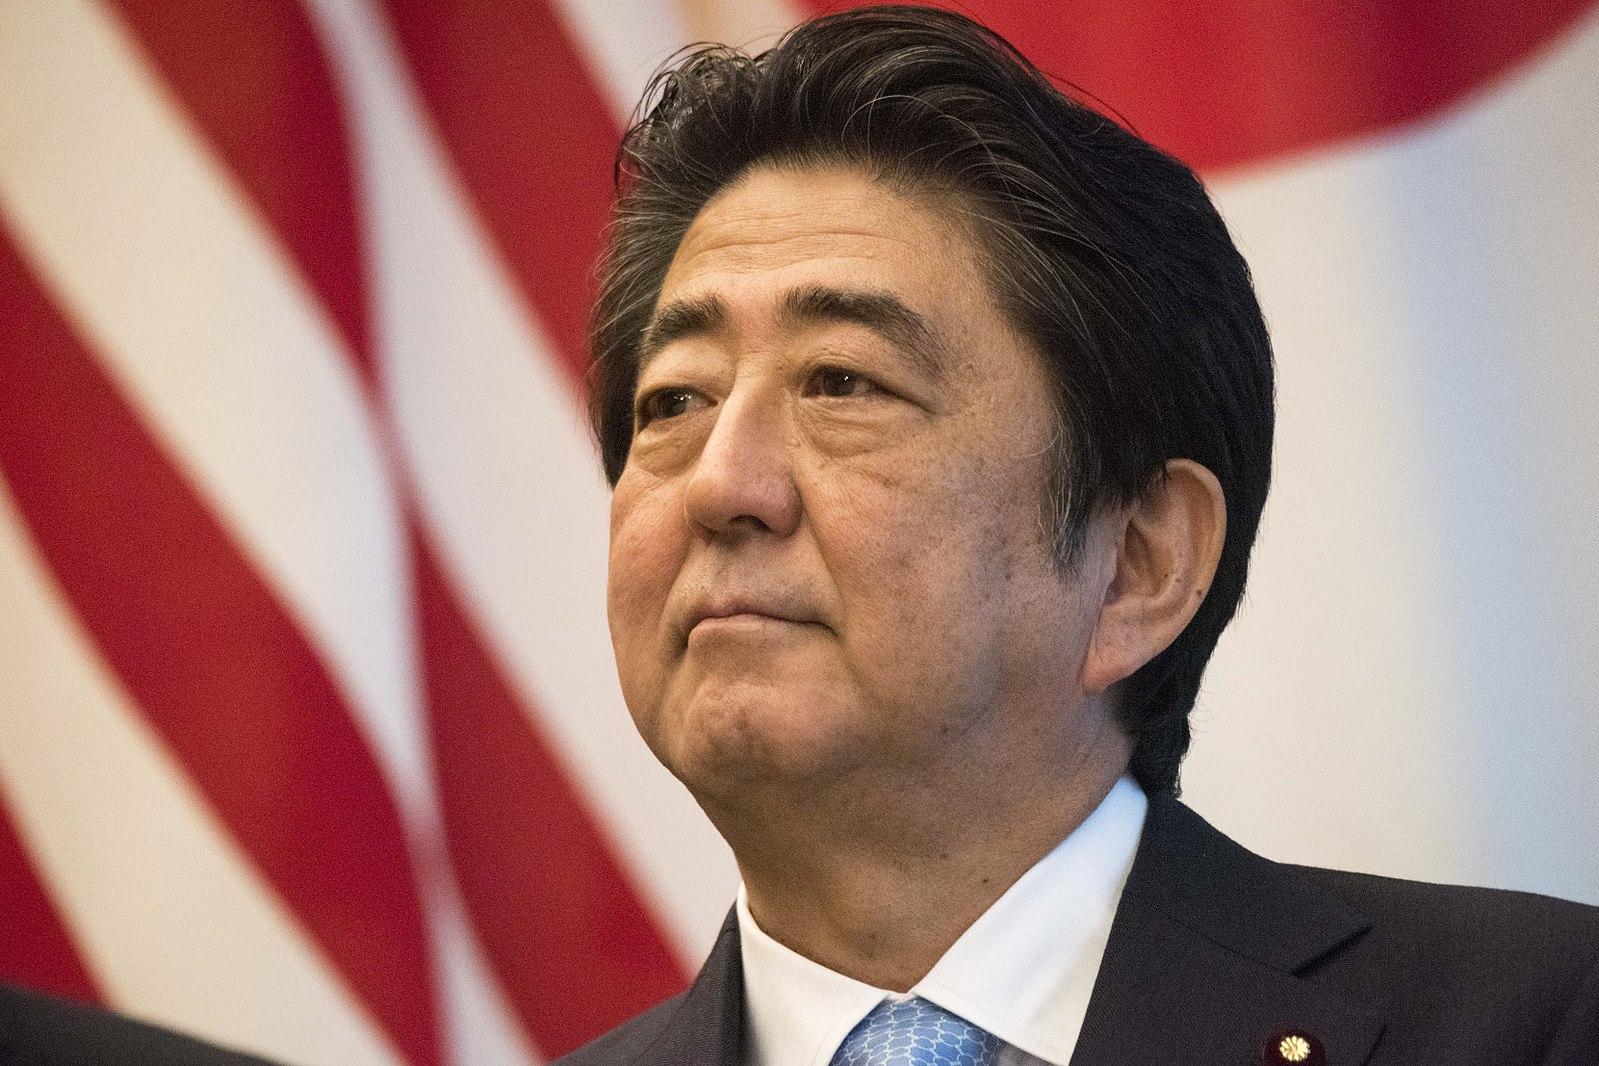 Le gouvernement japonais  propose un plan de 555 milliards de dollars pour accompagner la relance économique